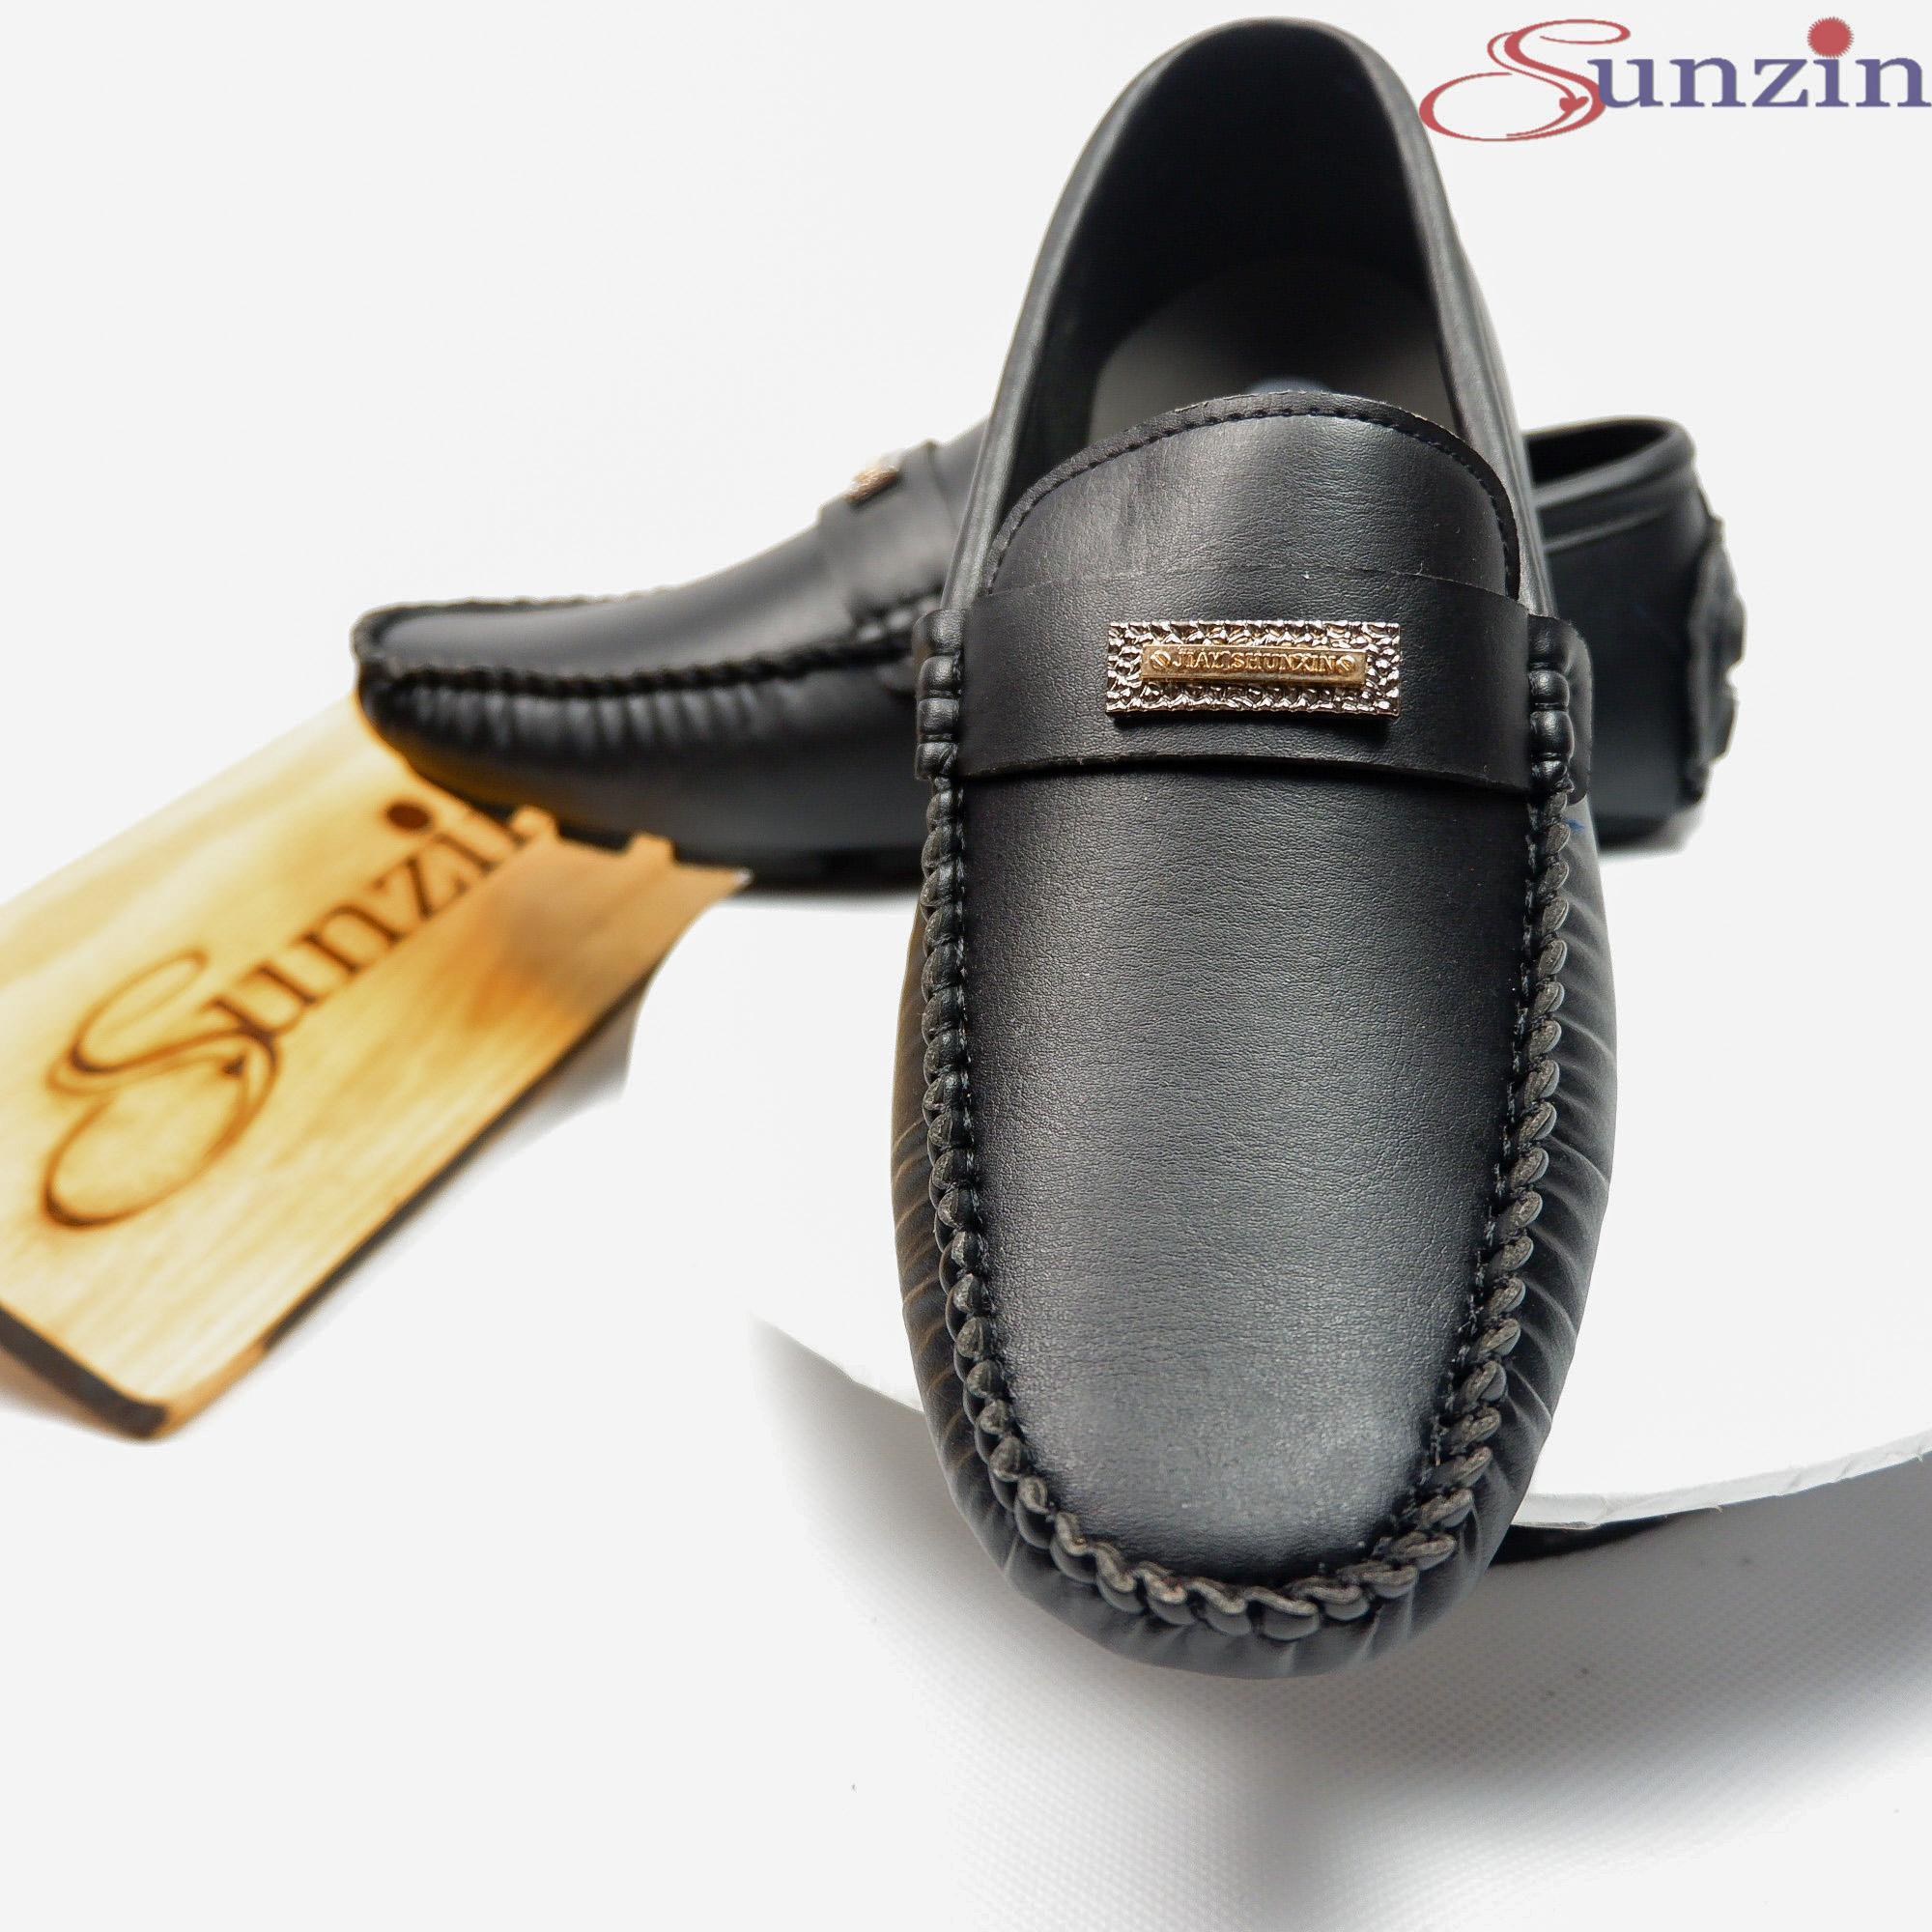 Sunzin.HCM Free từ 99k-Giày da không dây kiểu giày lười da trơn - Giày nam VL160trơn - Giày da PU...